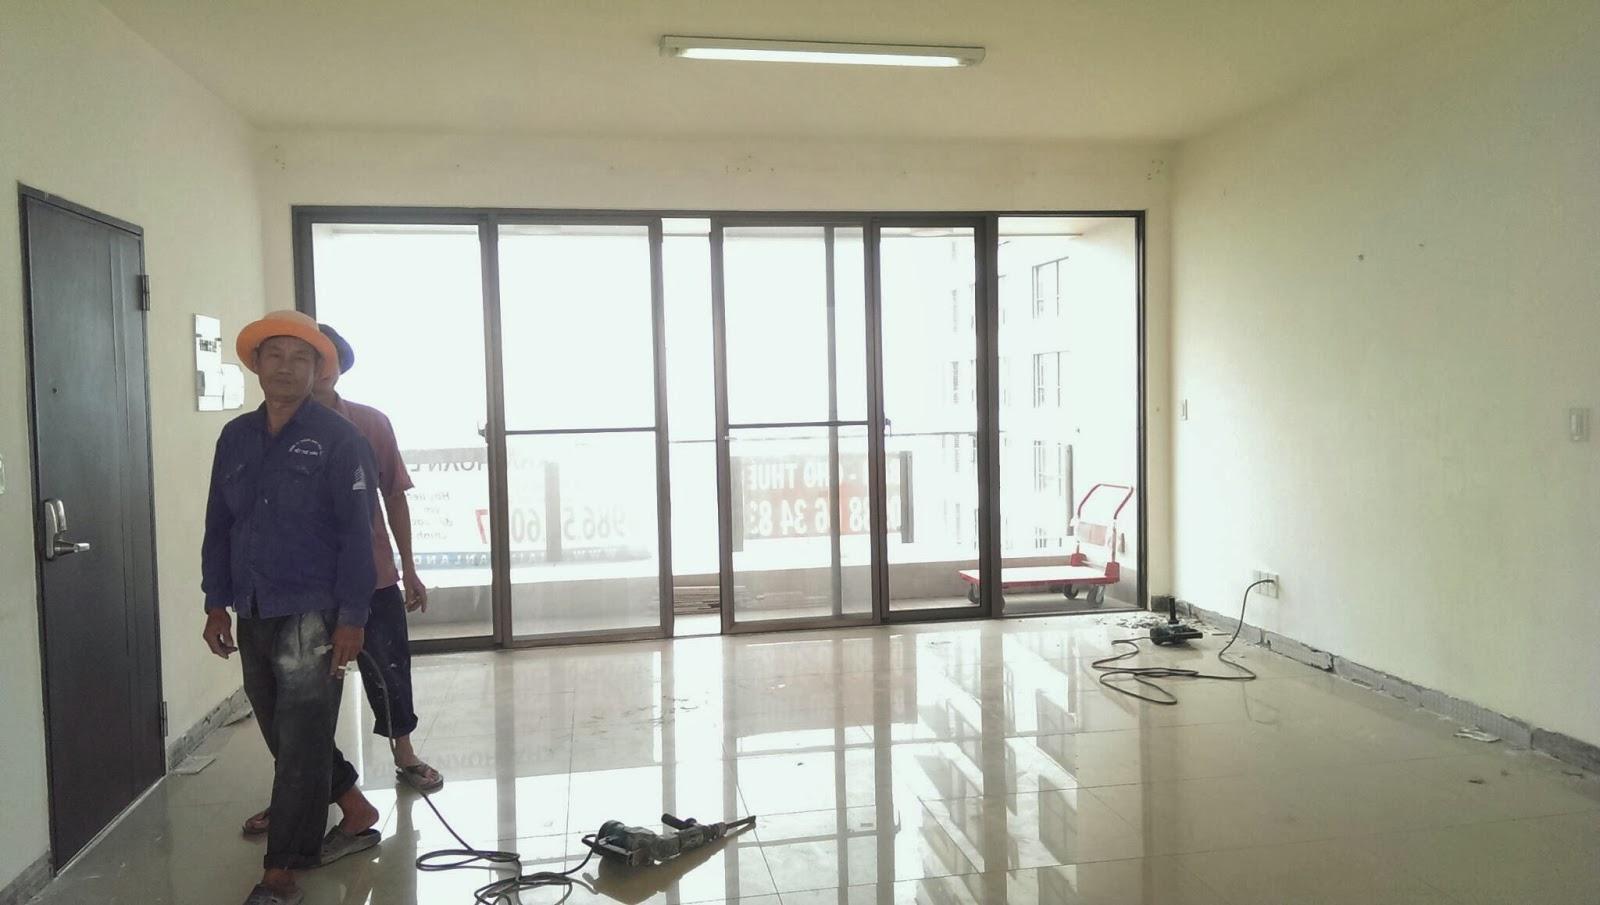 Eke interior design eke thi c ng n i th t c n h panorama for Eke interior design